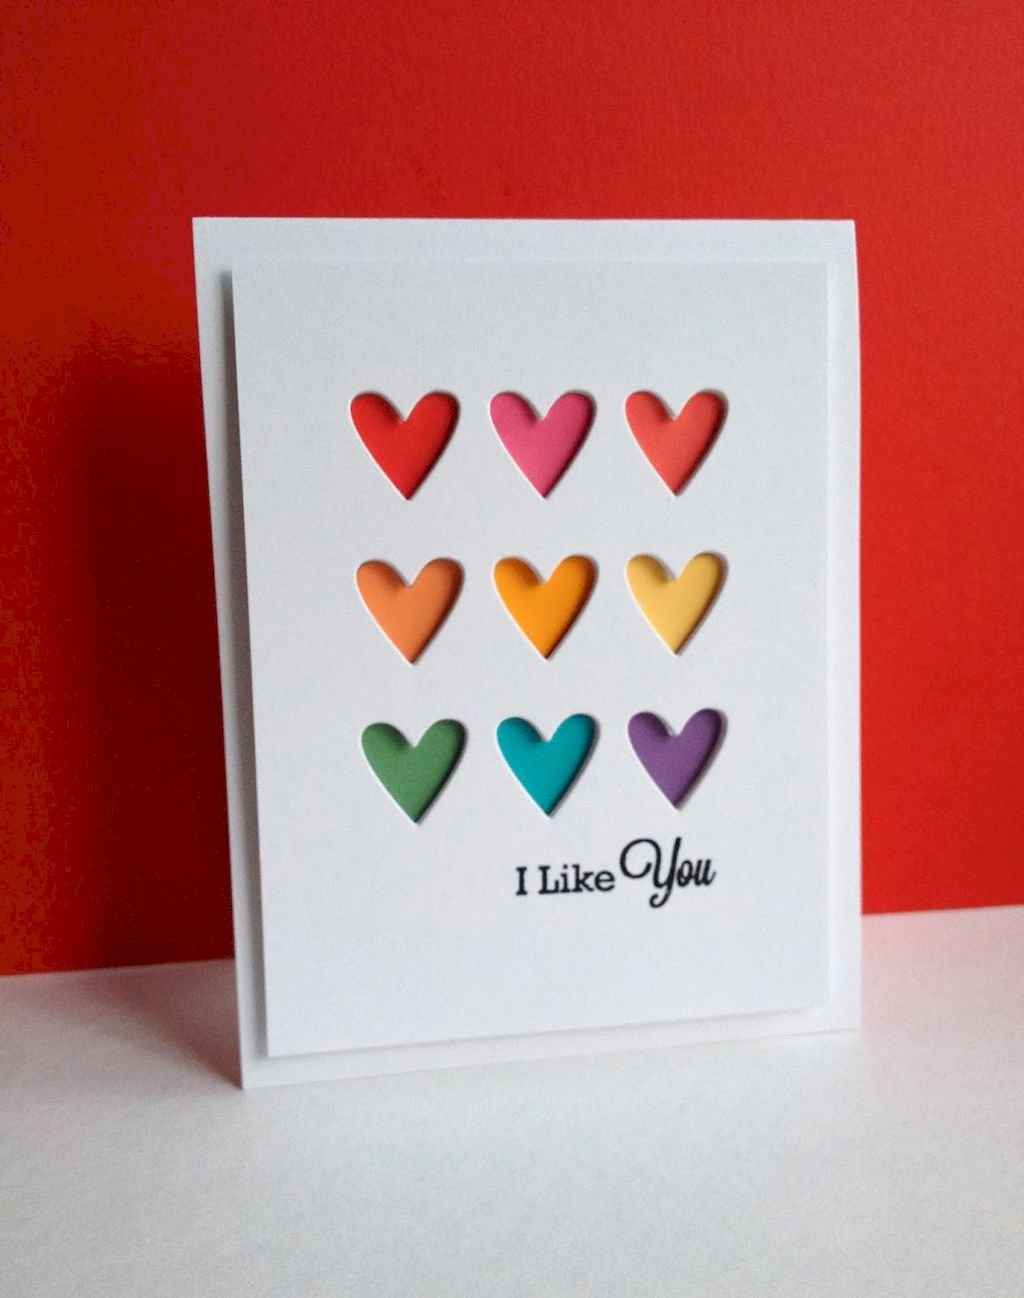 50 Romantic Valentines Cards Design Ideas (40)